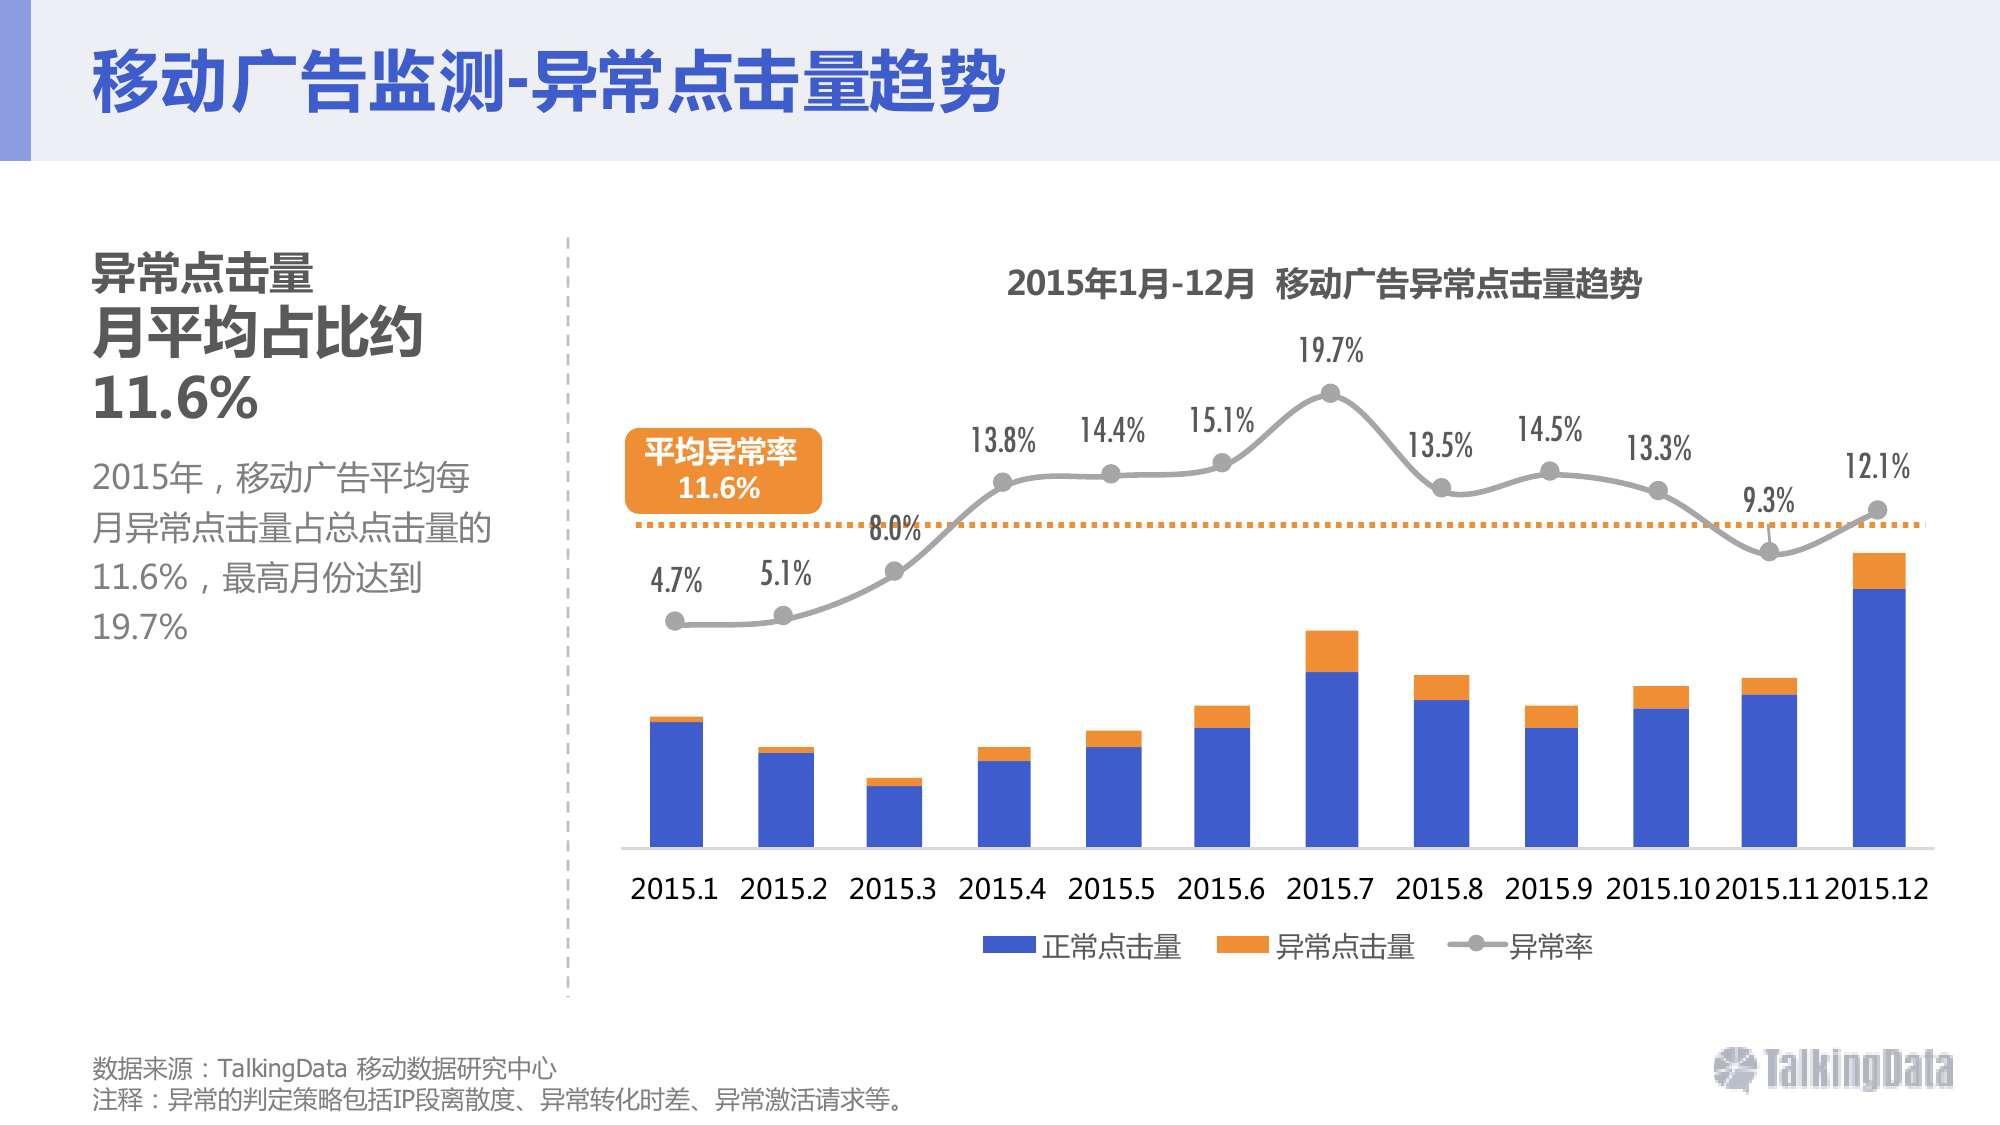 2015年移动广告行业报告_000020